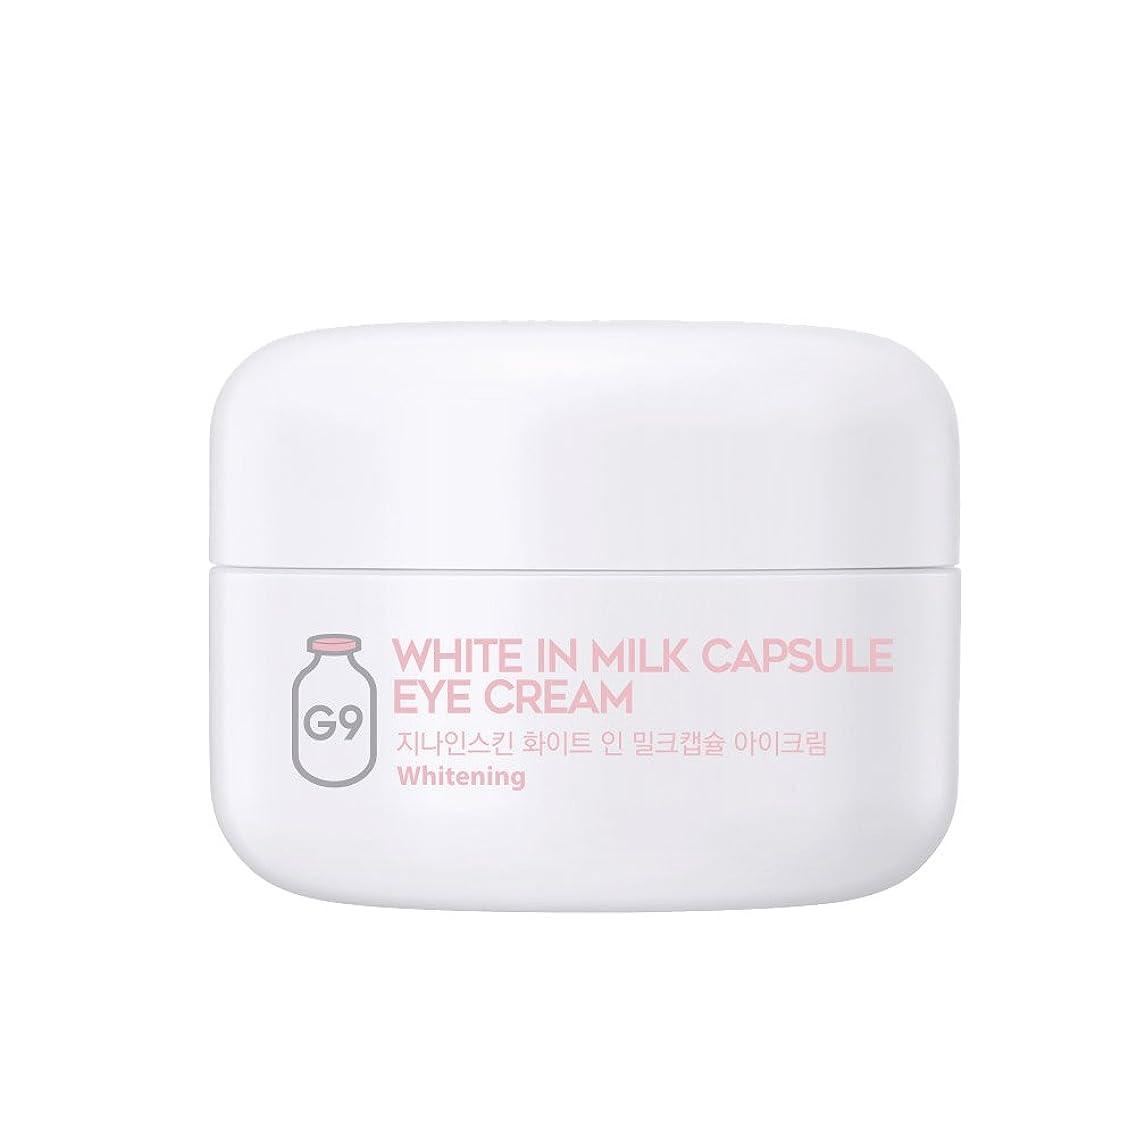 ブローホールラウンジペナルティG9SKIN(ベリサム) White In Milk Capsule Eye Cream ホワイトインミルクカプセルアイクリーム 30g